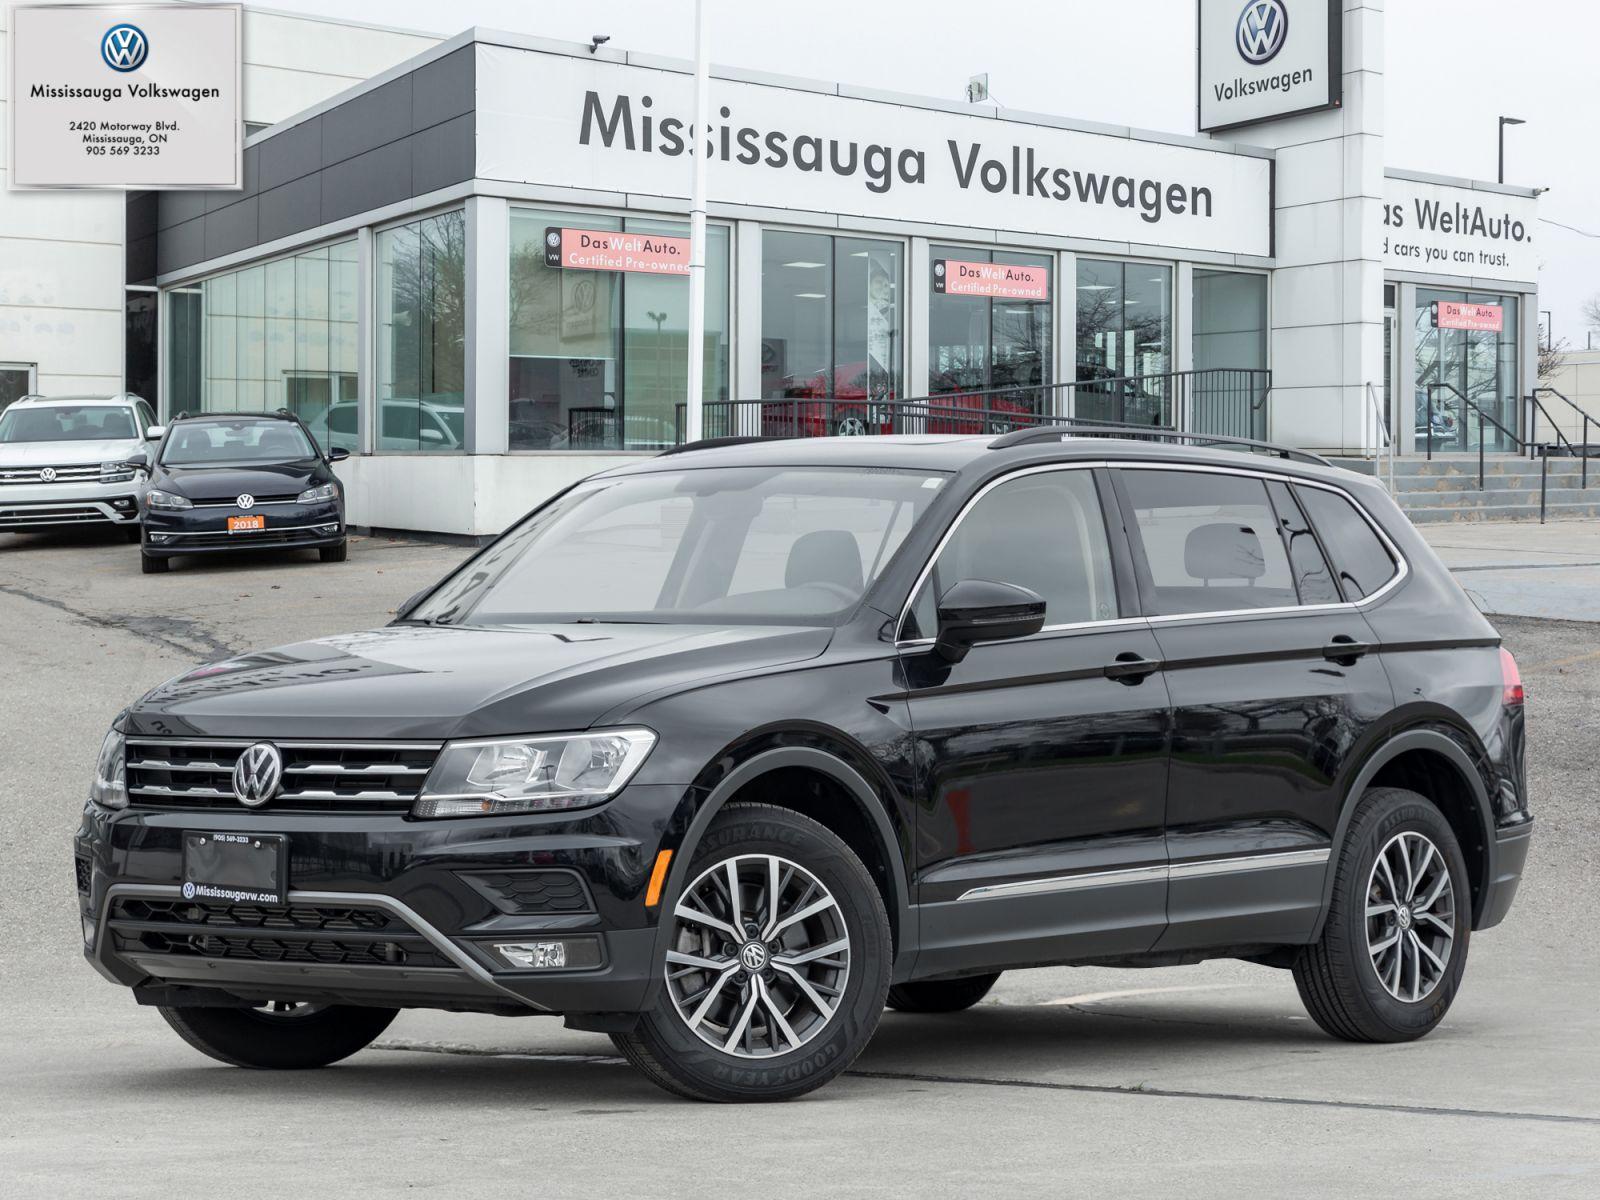 2020 Volkswagen Tiguan Image